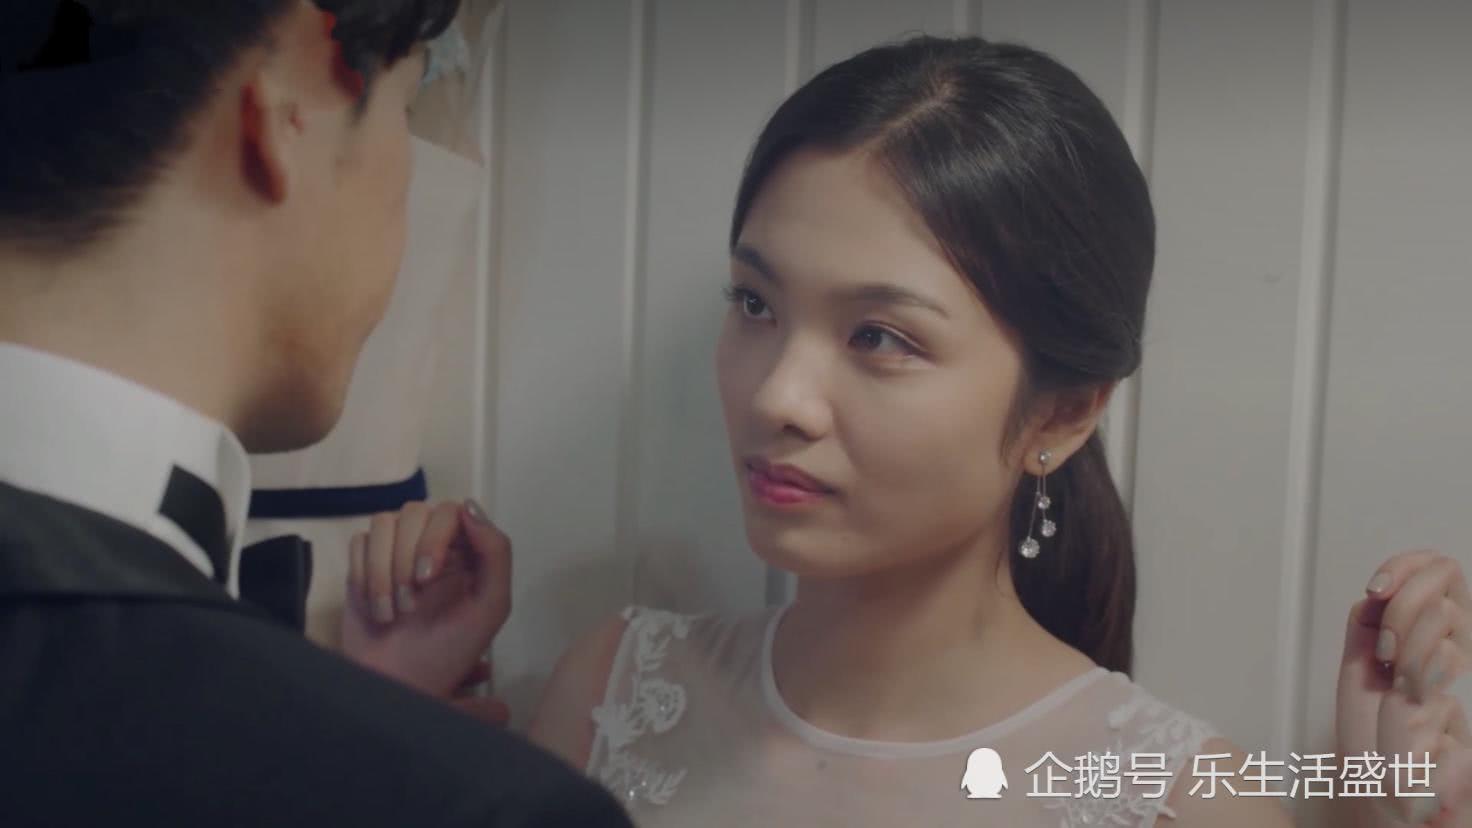 """侃爷同意结婚,洛荀却很怀疑,侃爷在他的衬衣上写下""""绝不逃婚"""""""